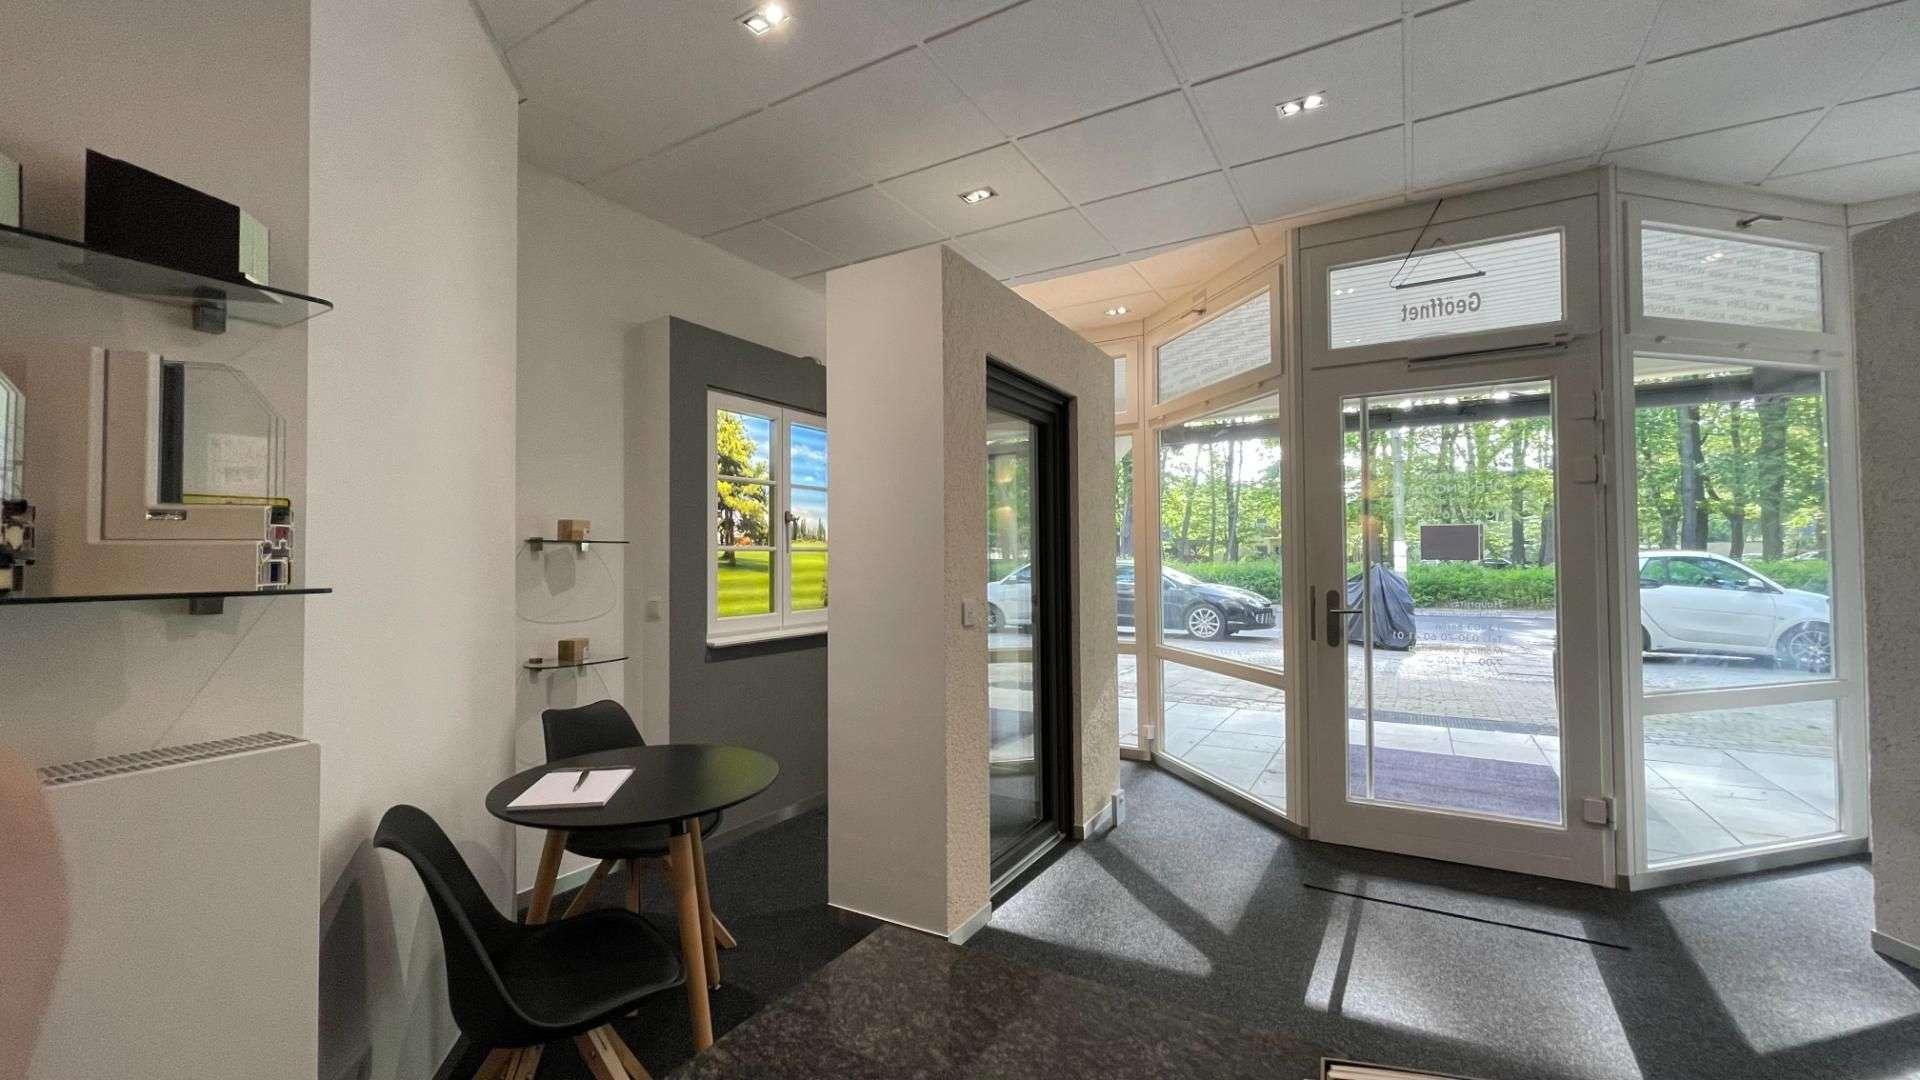 Innenansicht der Ausstellung von Fenster Durchblick in Berlin